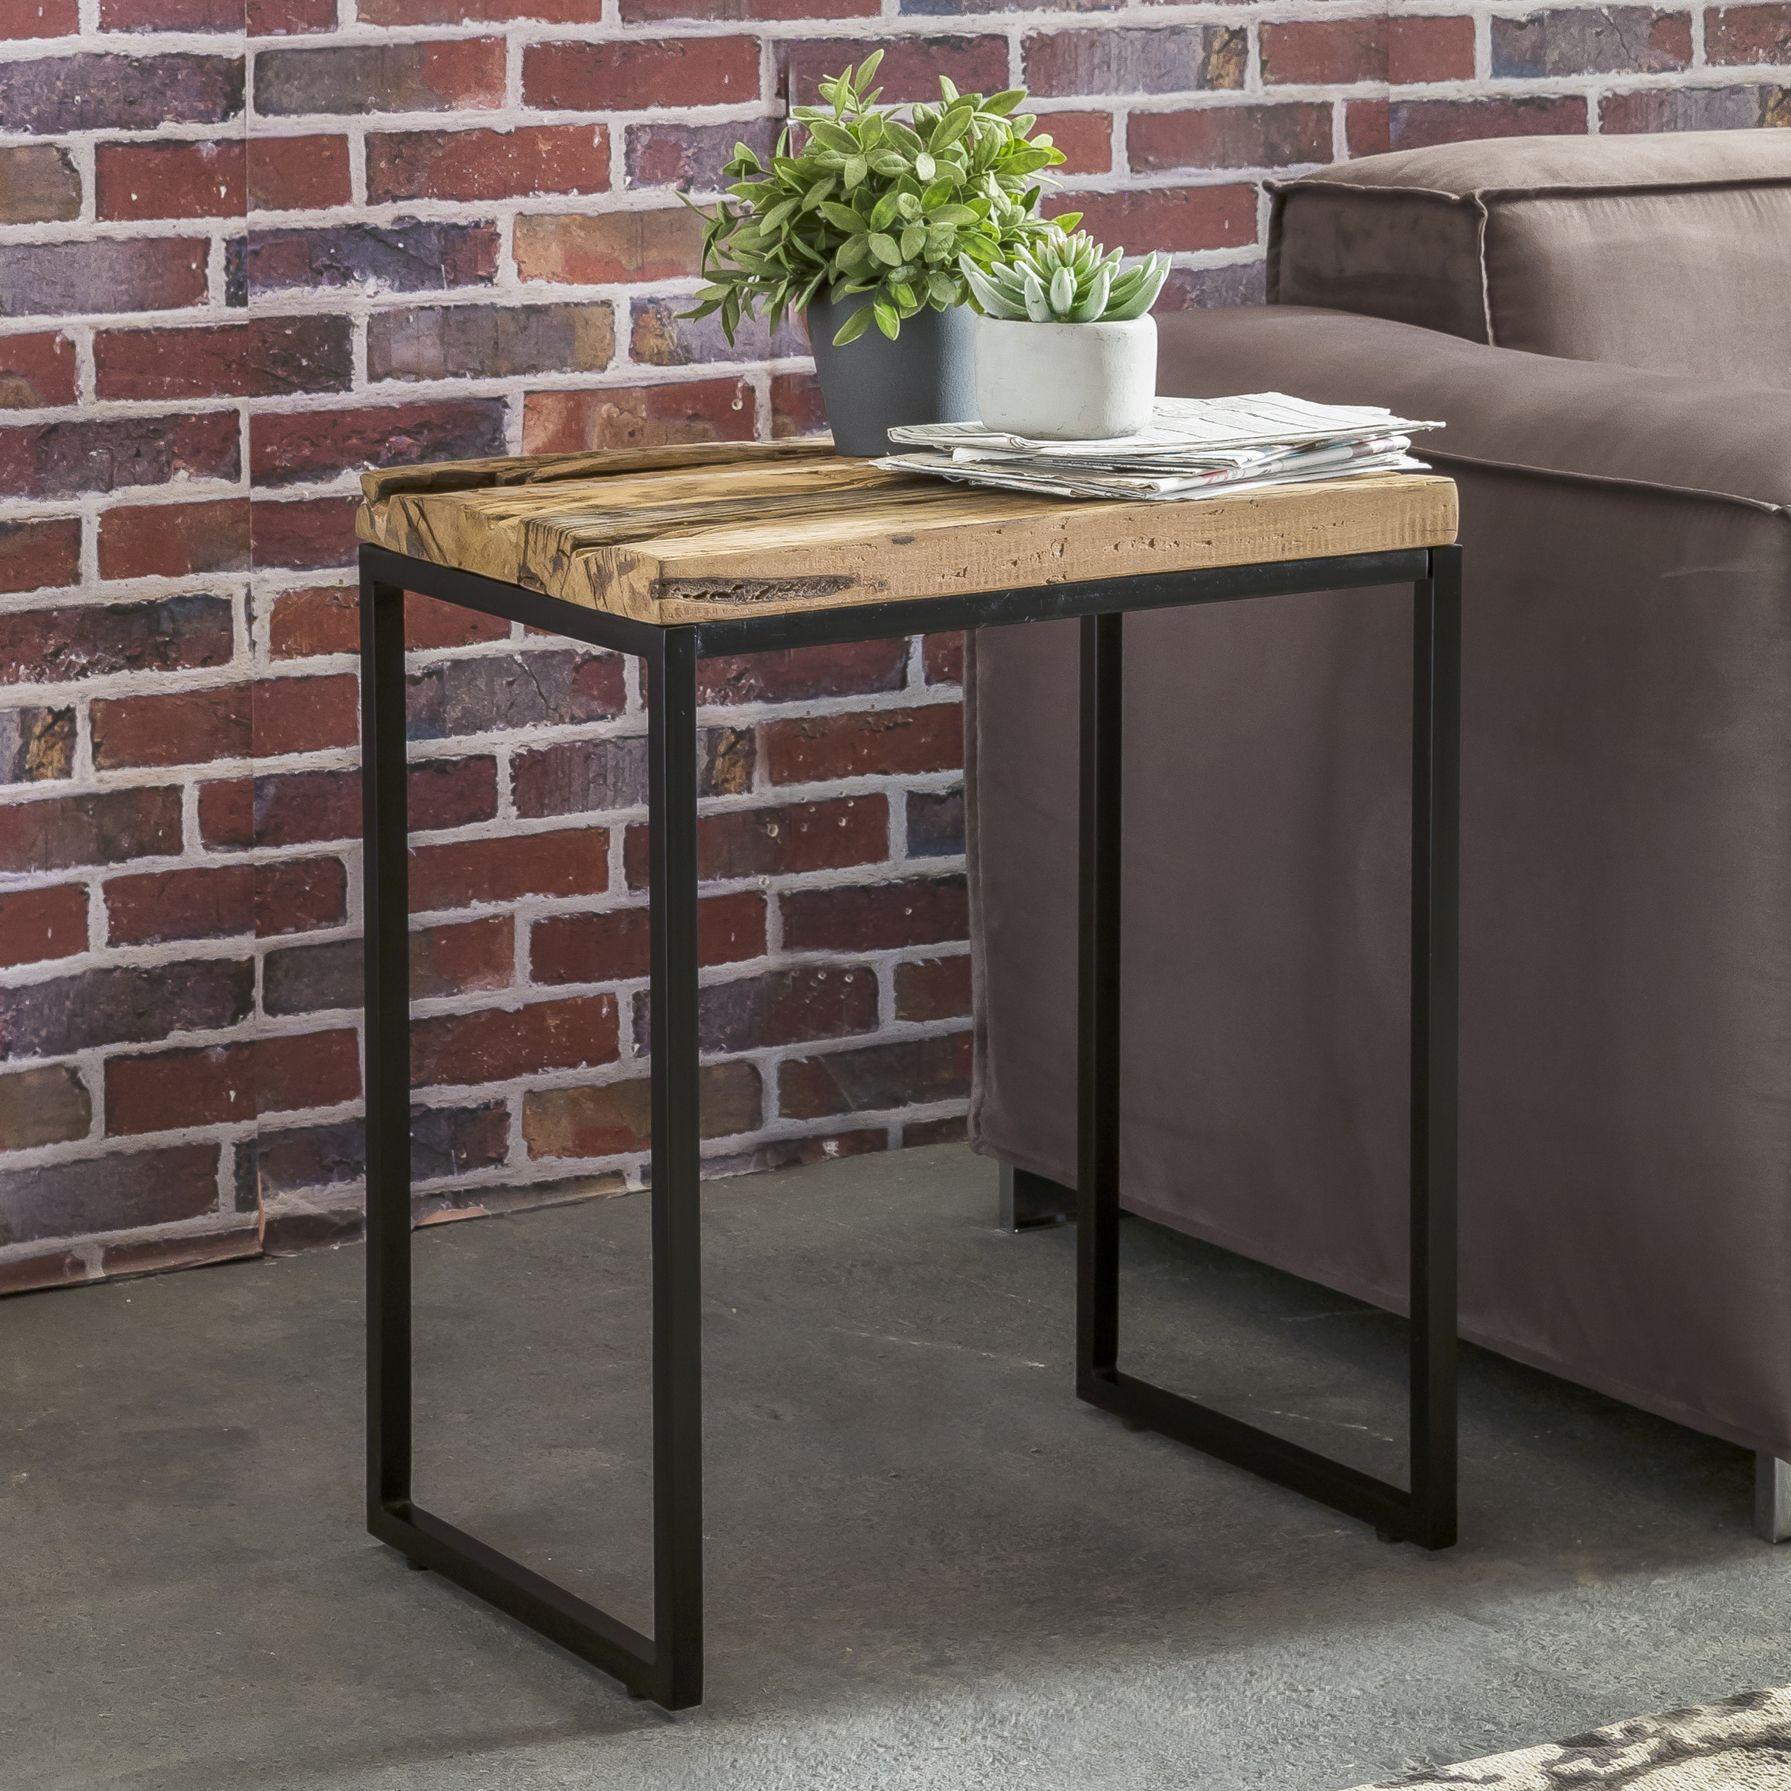 Finebuy Beistelltisch Aus Massivholz Auf Einem Metall Gestell Coffetable Beistelltische Beistelltisch Wohnzimmertisch